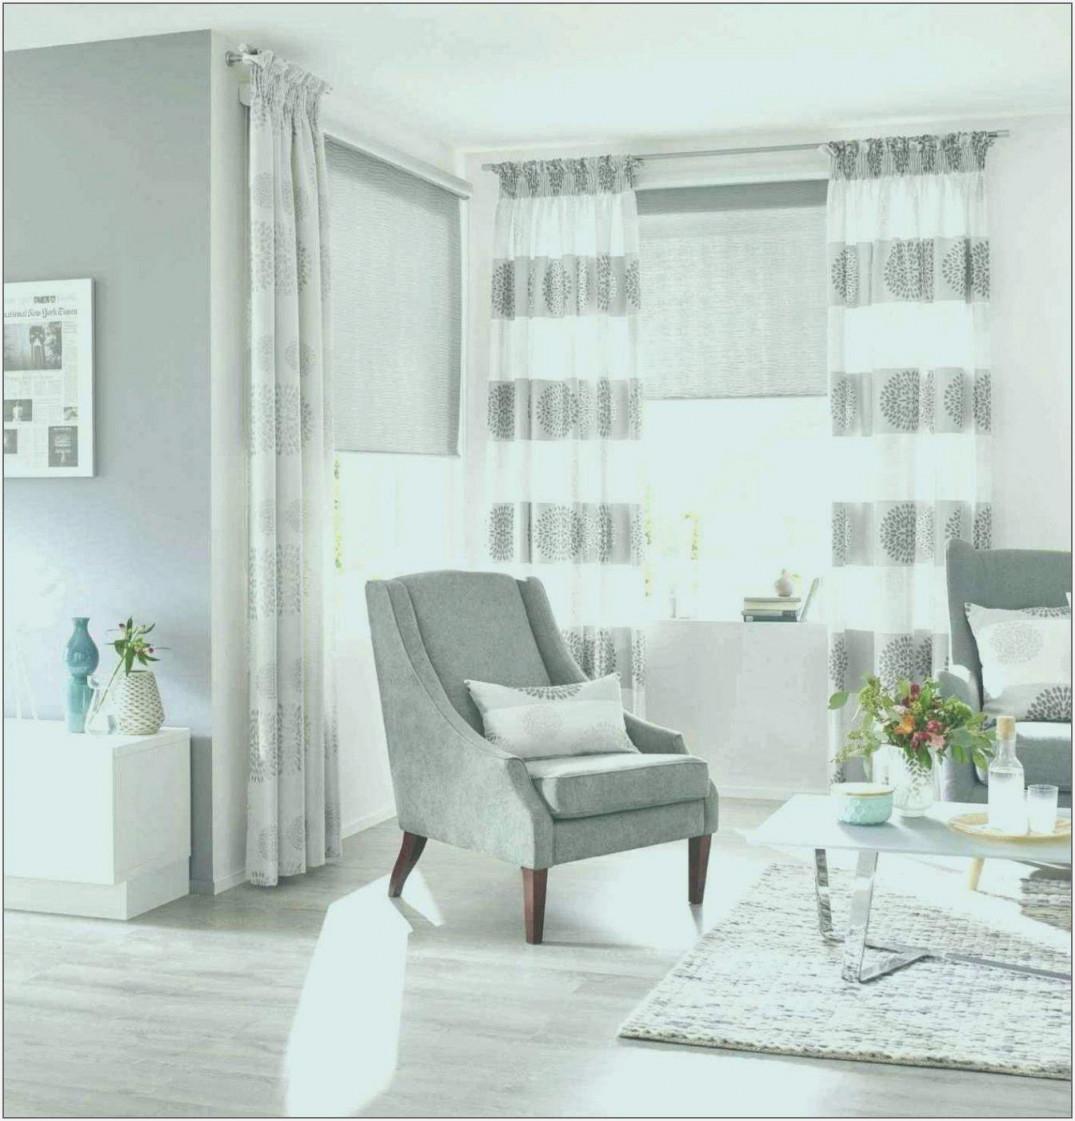 Luxus Gardinen Fr Wohnzimmer  Wohnzimmer  Traumhaus von Luxus Gardinen Für Wohnzimmer Bild